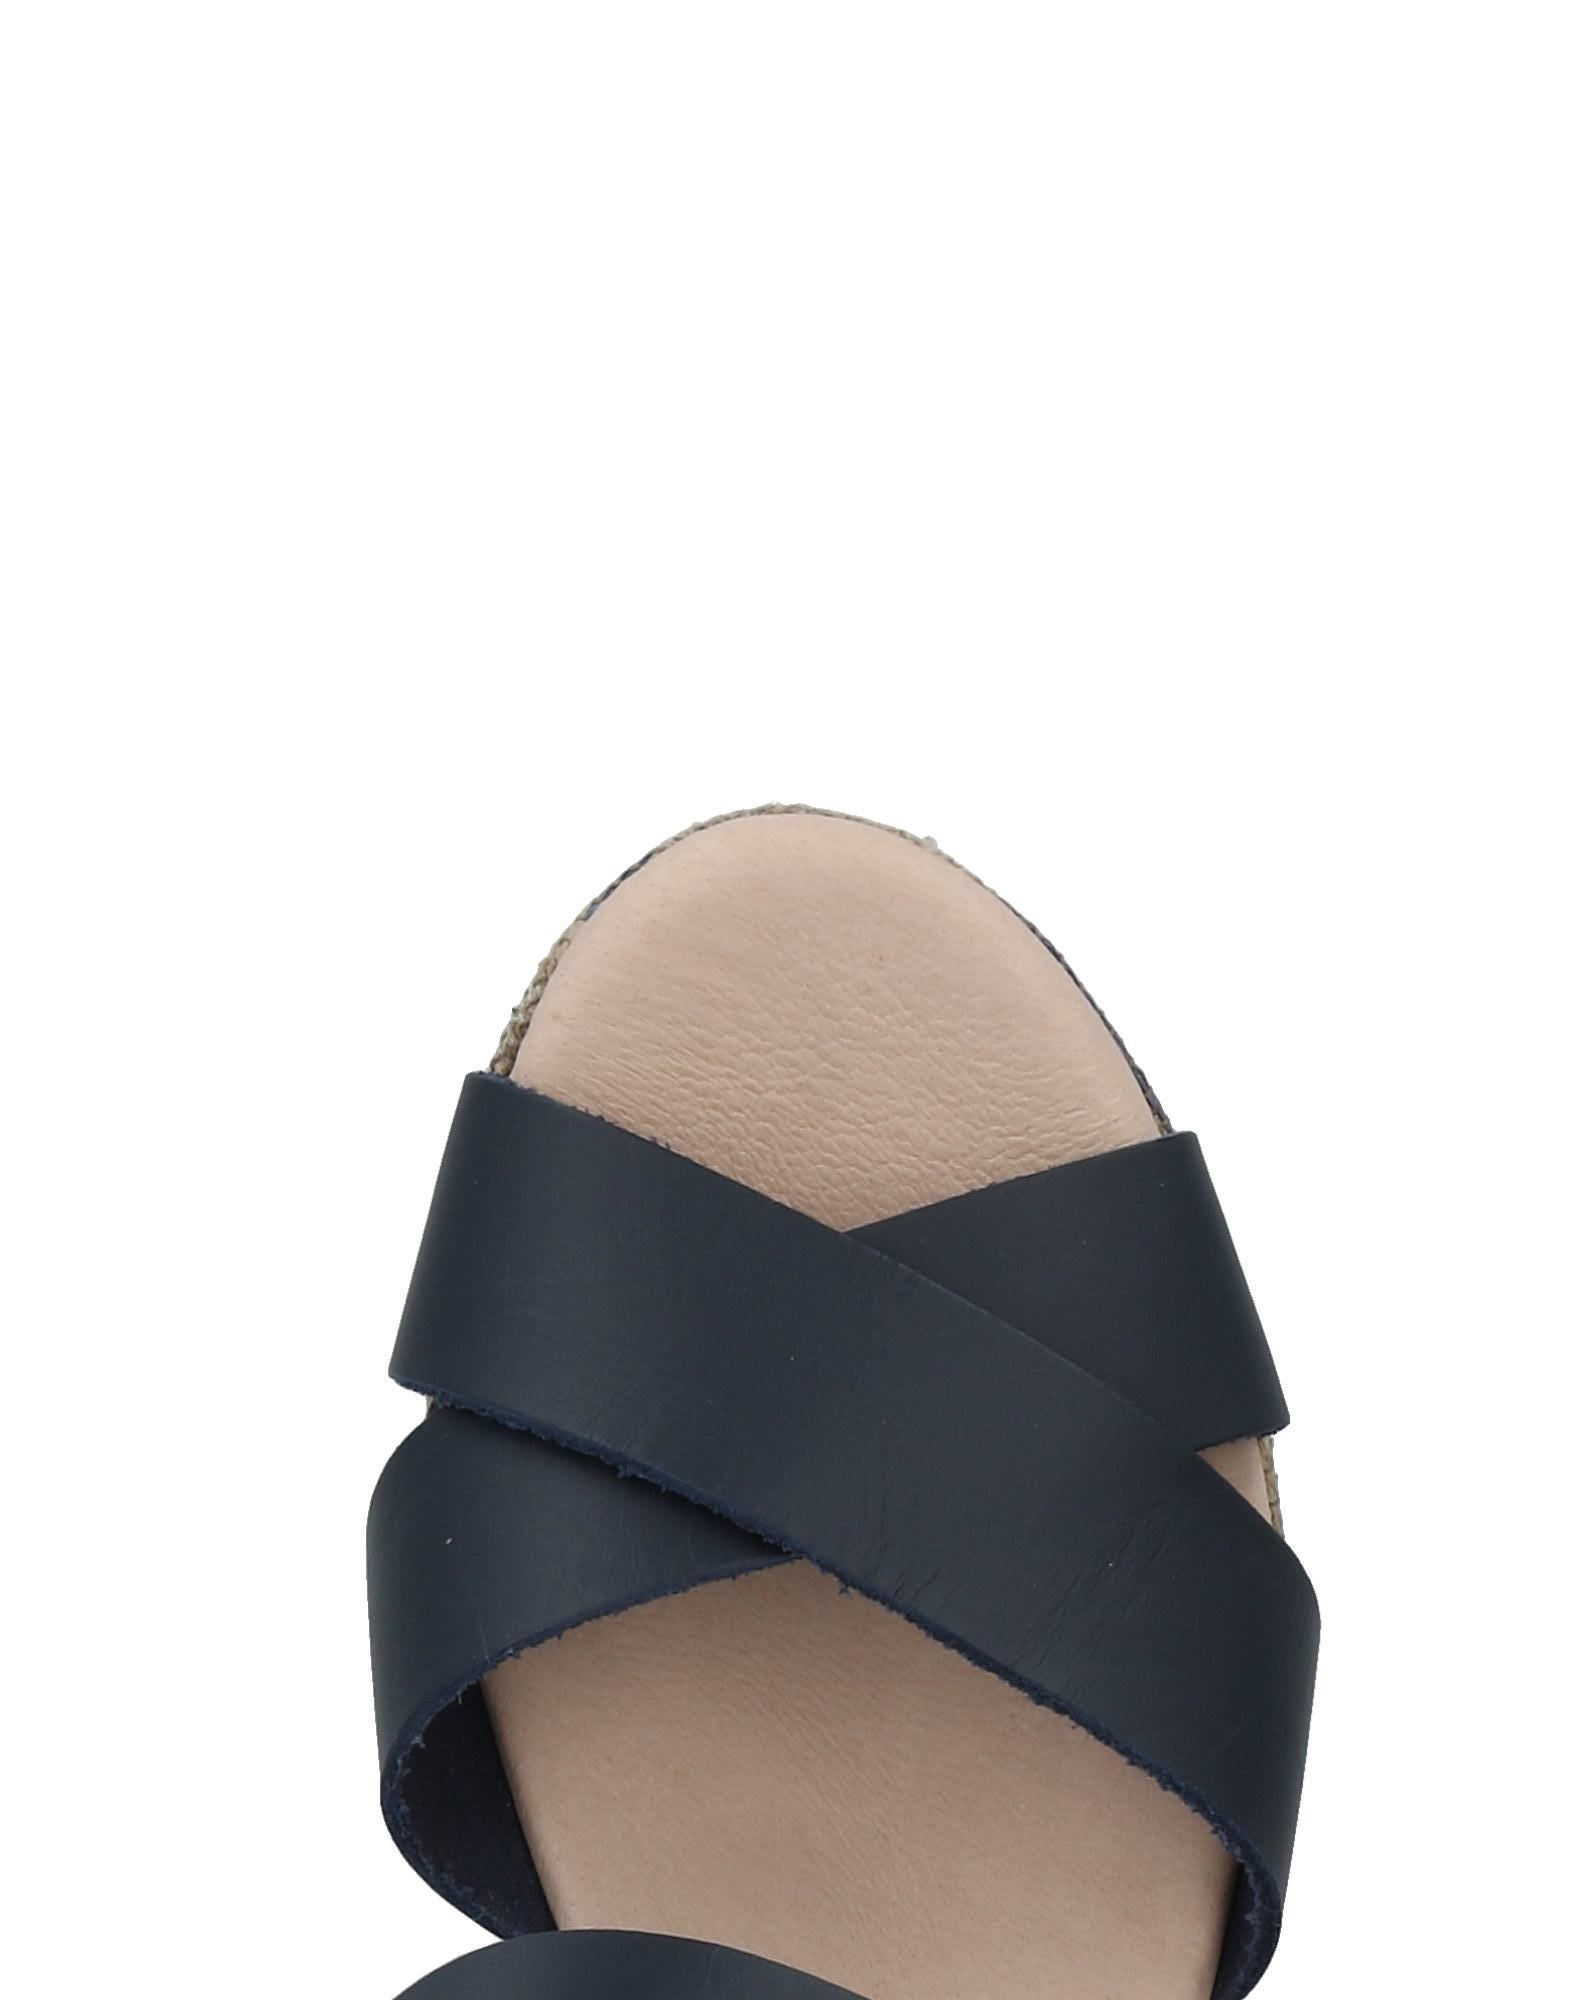 Sandales Cuplé Femme - Sandales Cuplé sur